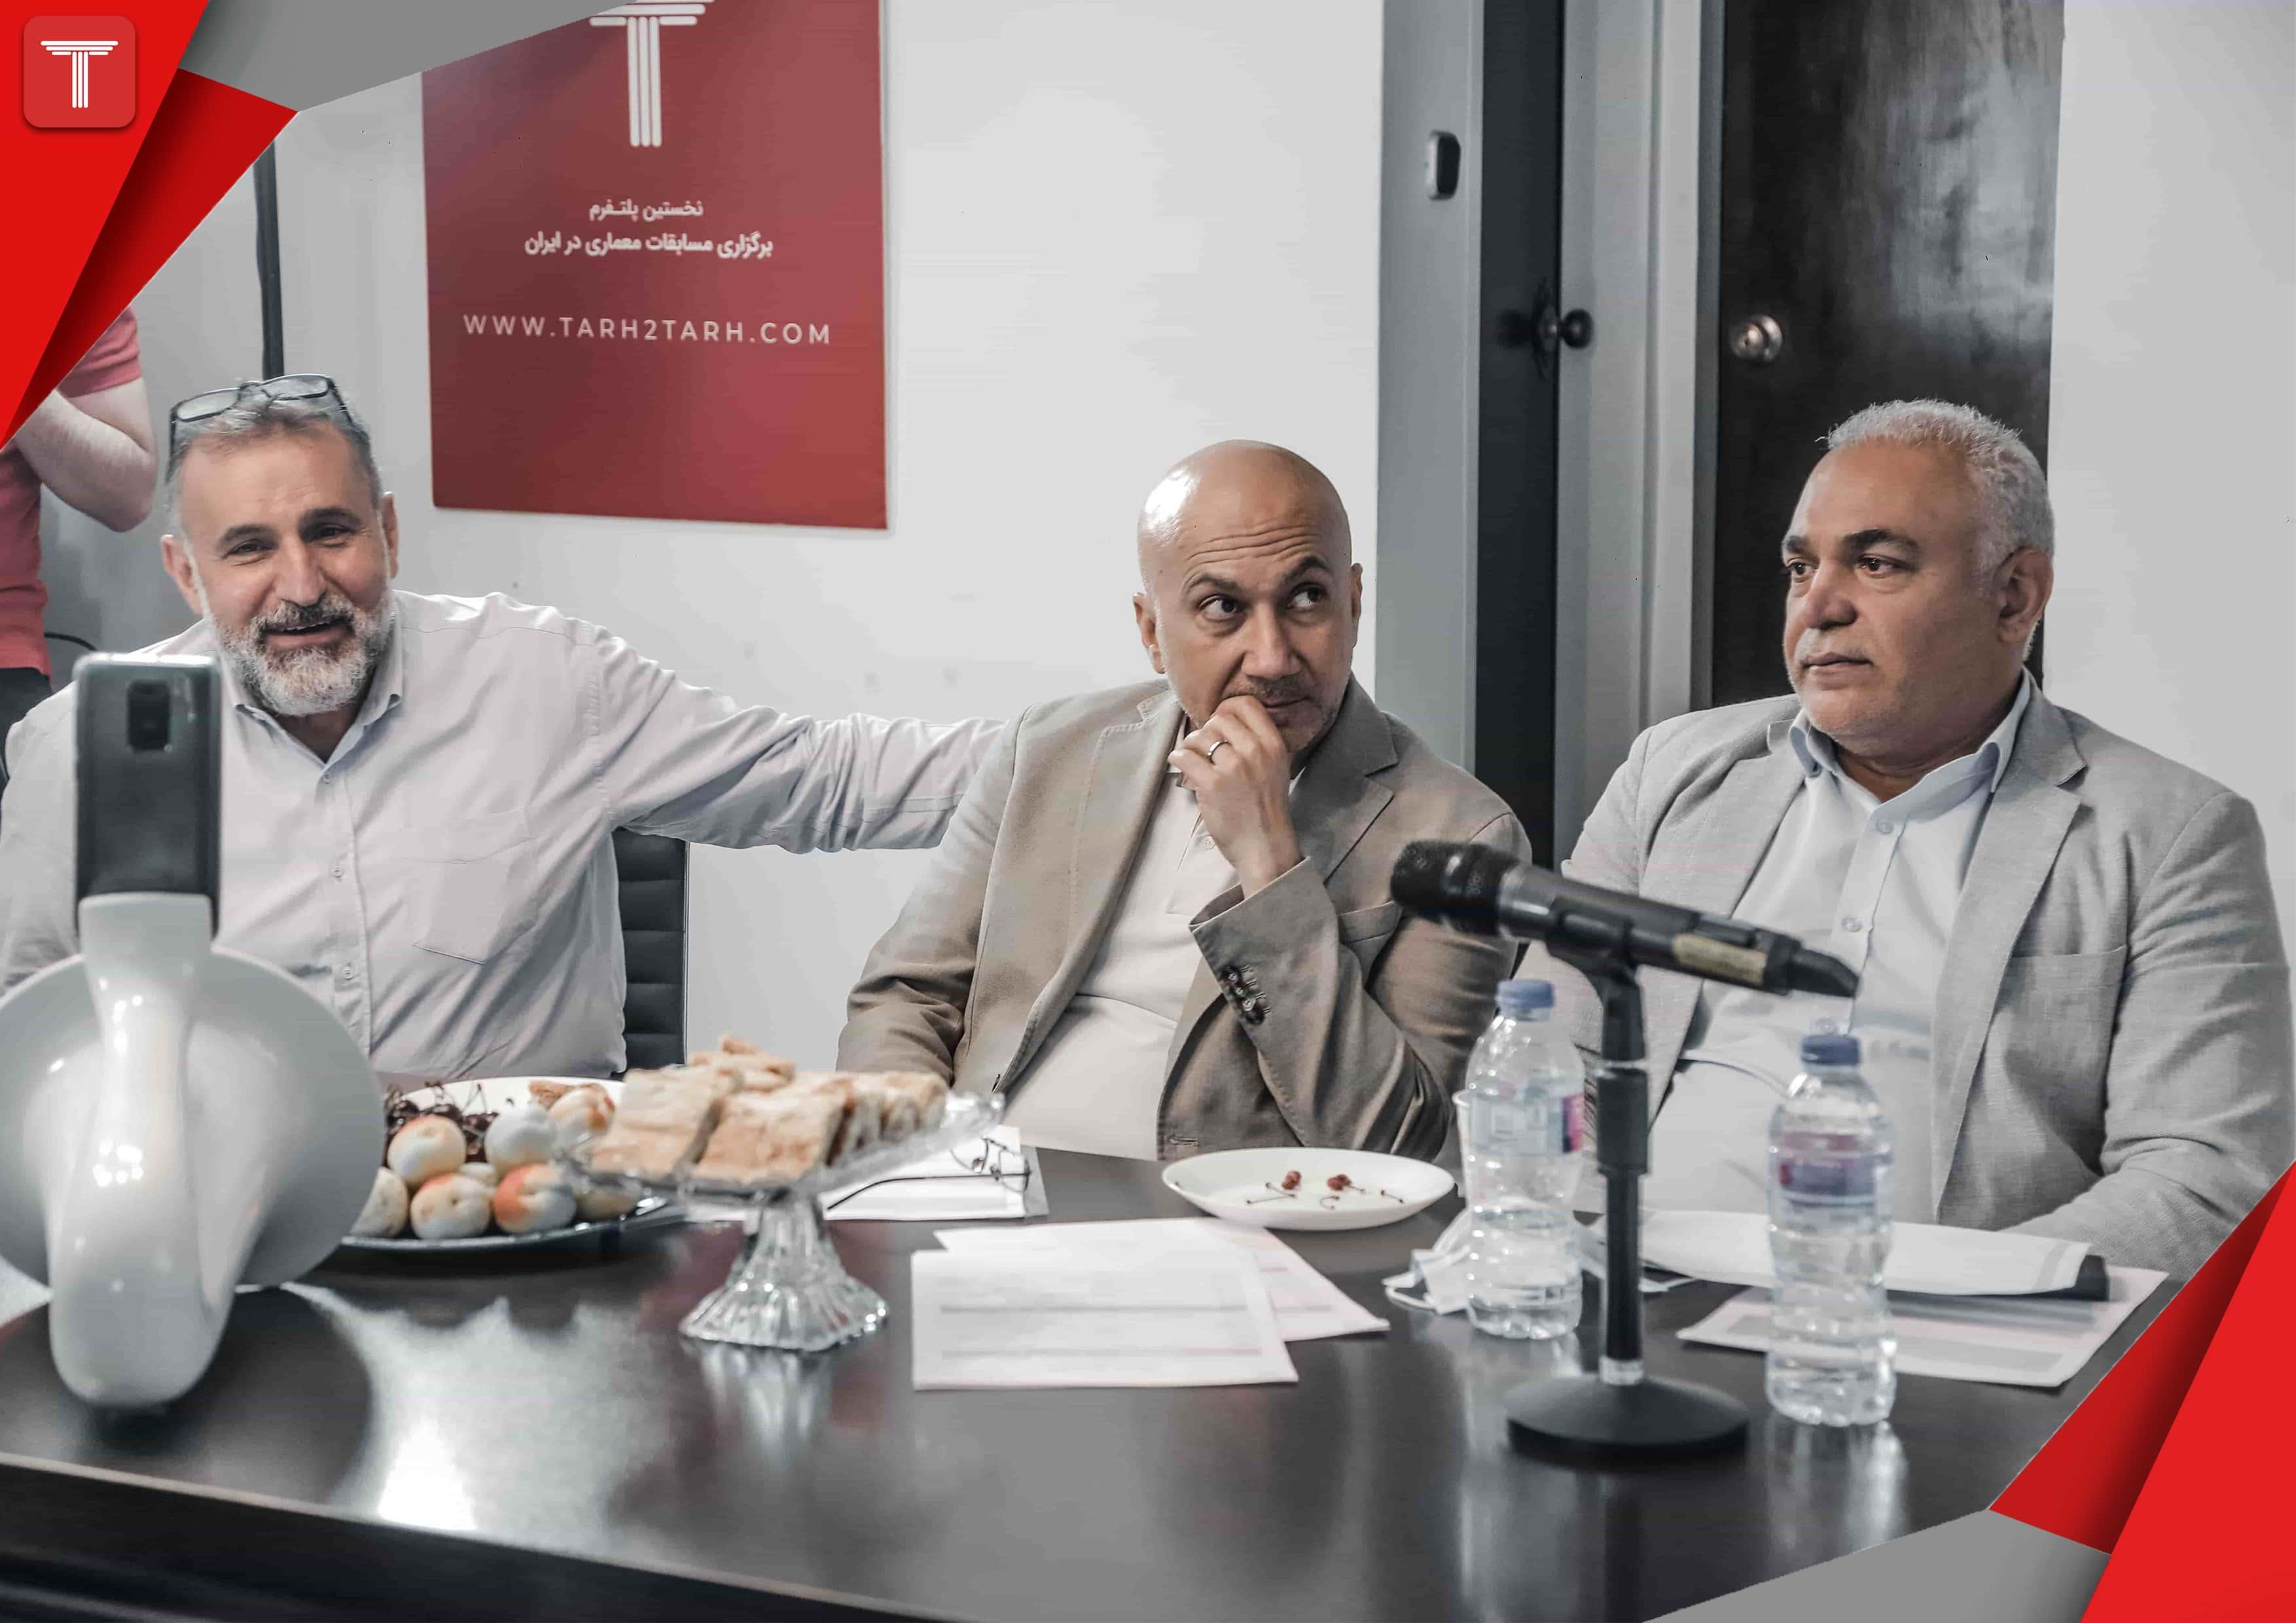 دفاعیه مسابقه دو مرحله ای طراحی پلان و نما خانه خوب